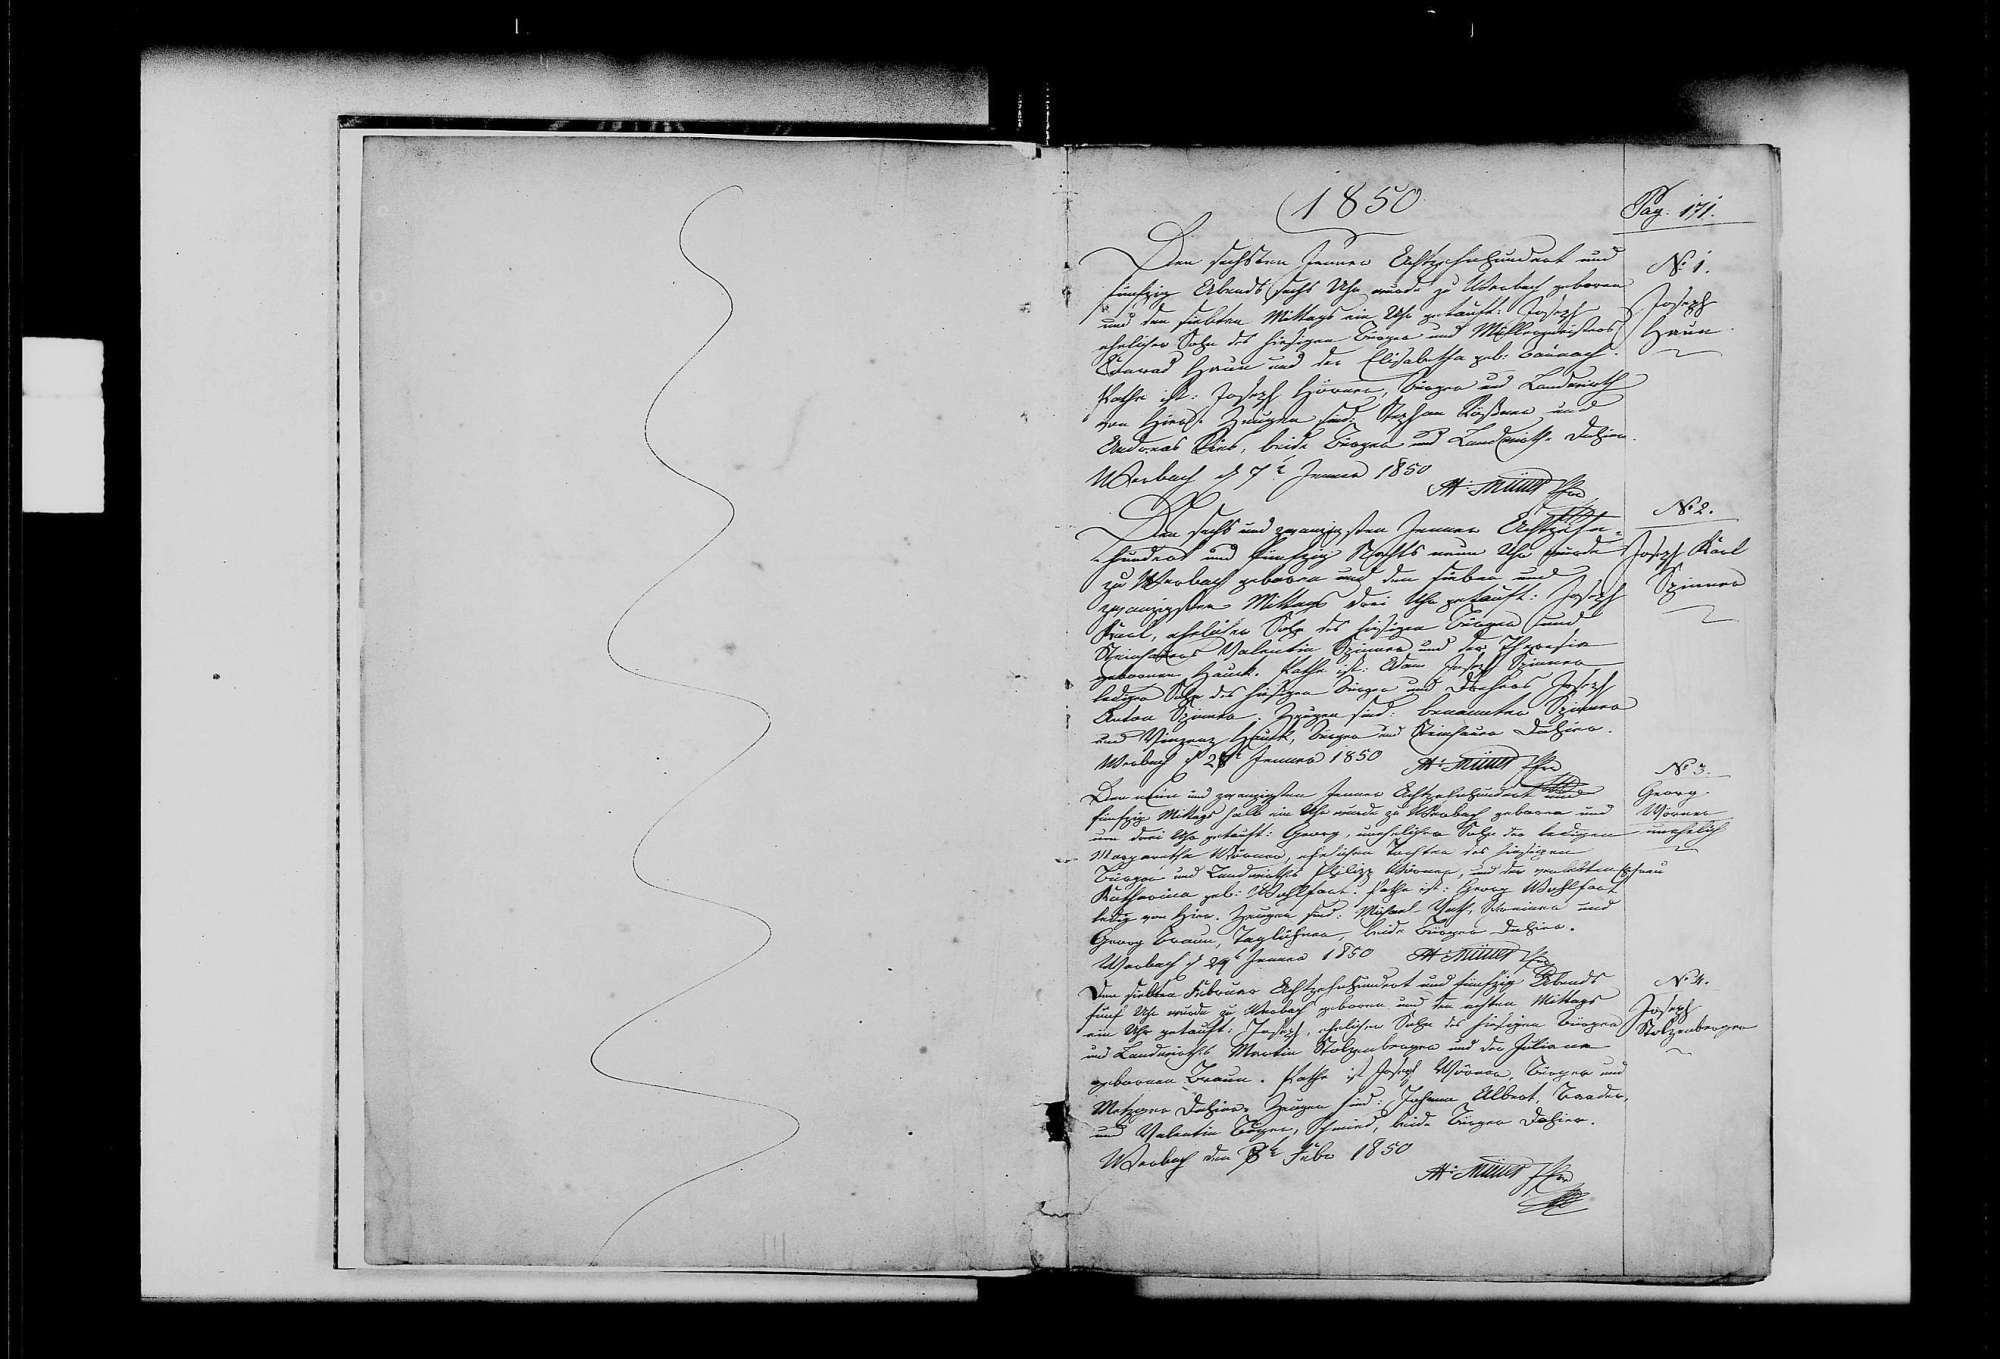 Werbach, katholische Gemeinde: Standesbuch 1850-1859, Bild 3